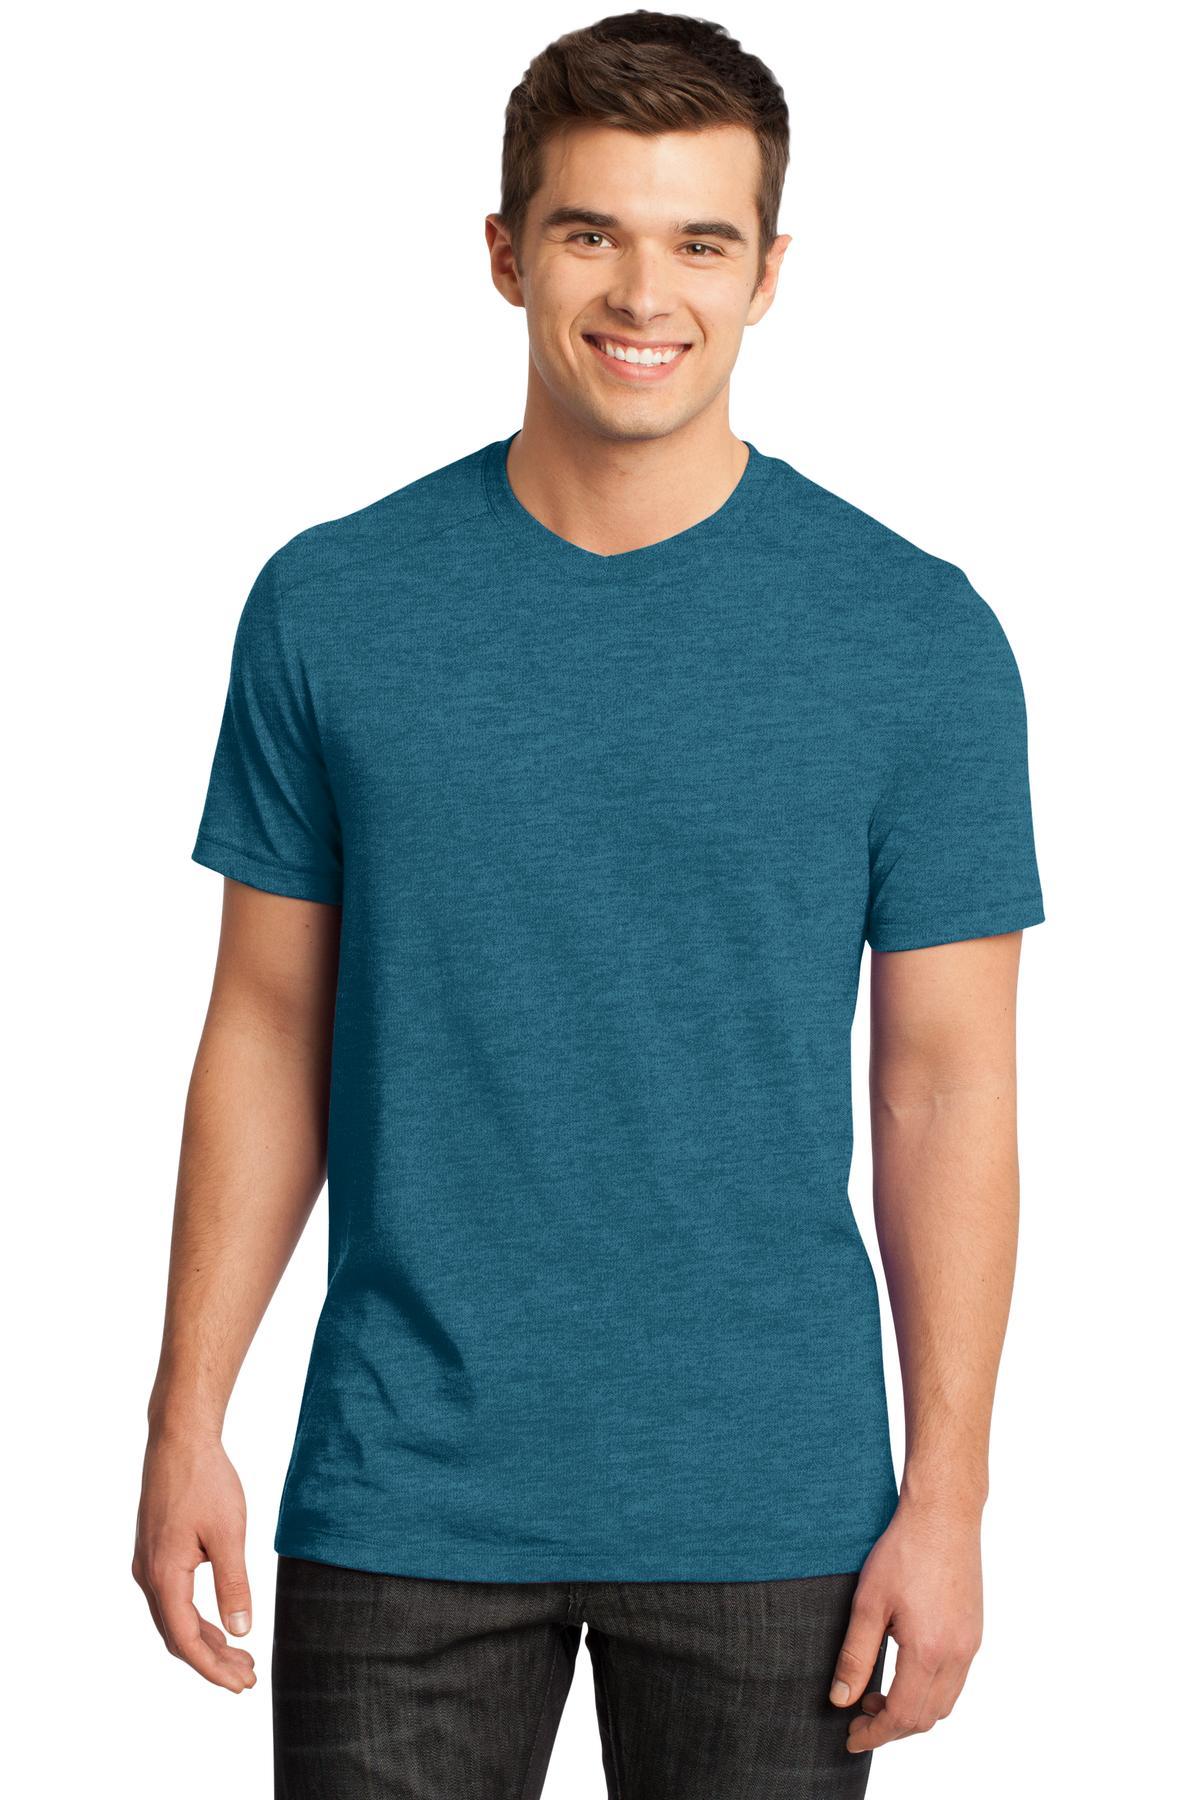 T-Shirts-Juniors-Young-Men-38